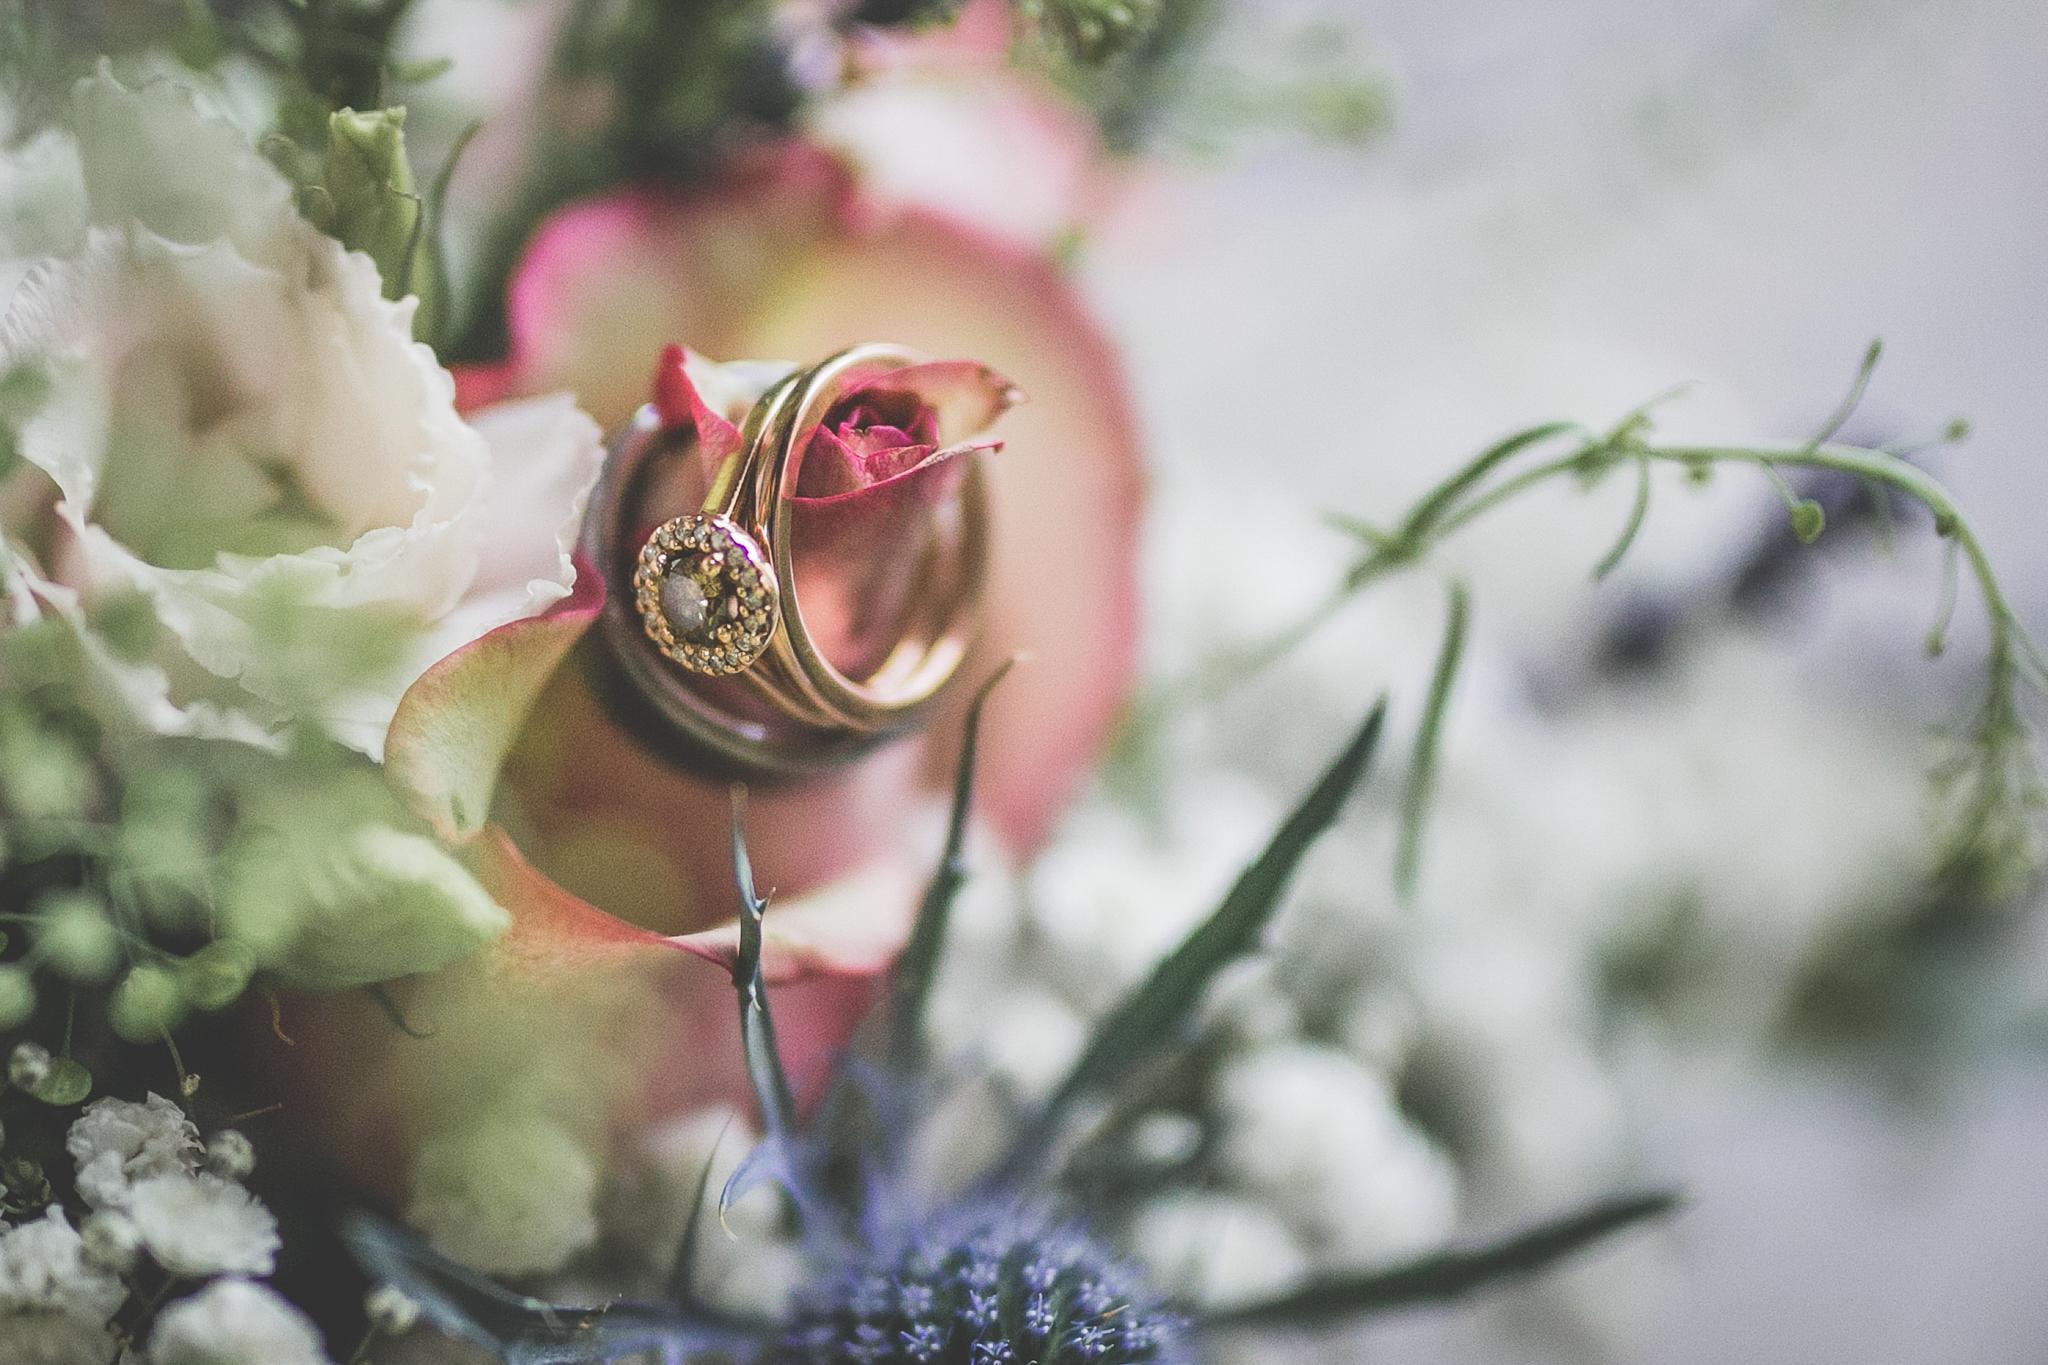 bedfordshireweddingphotography-13.jpg